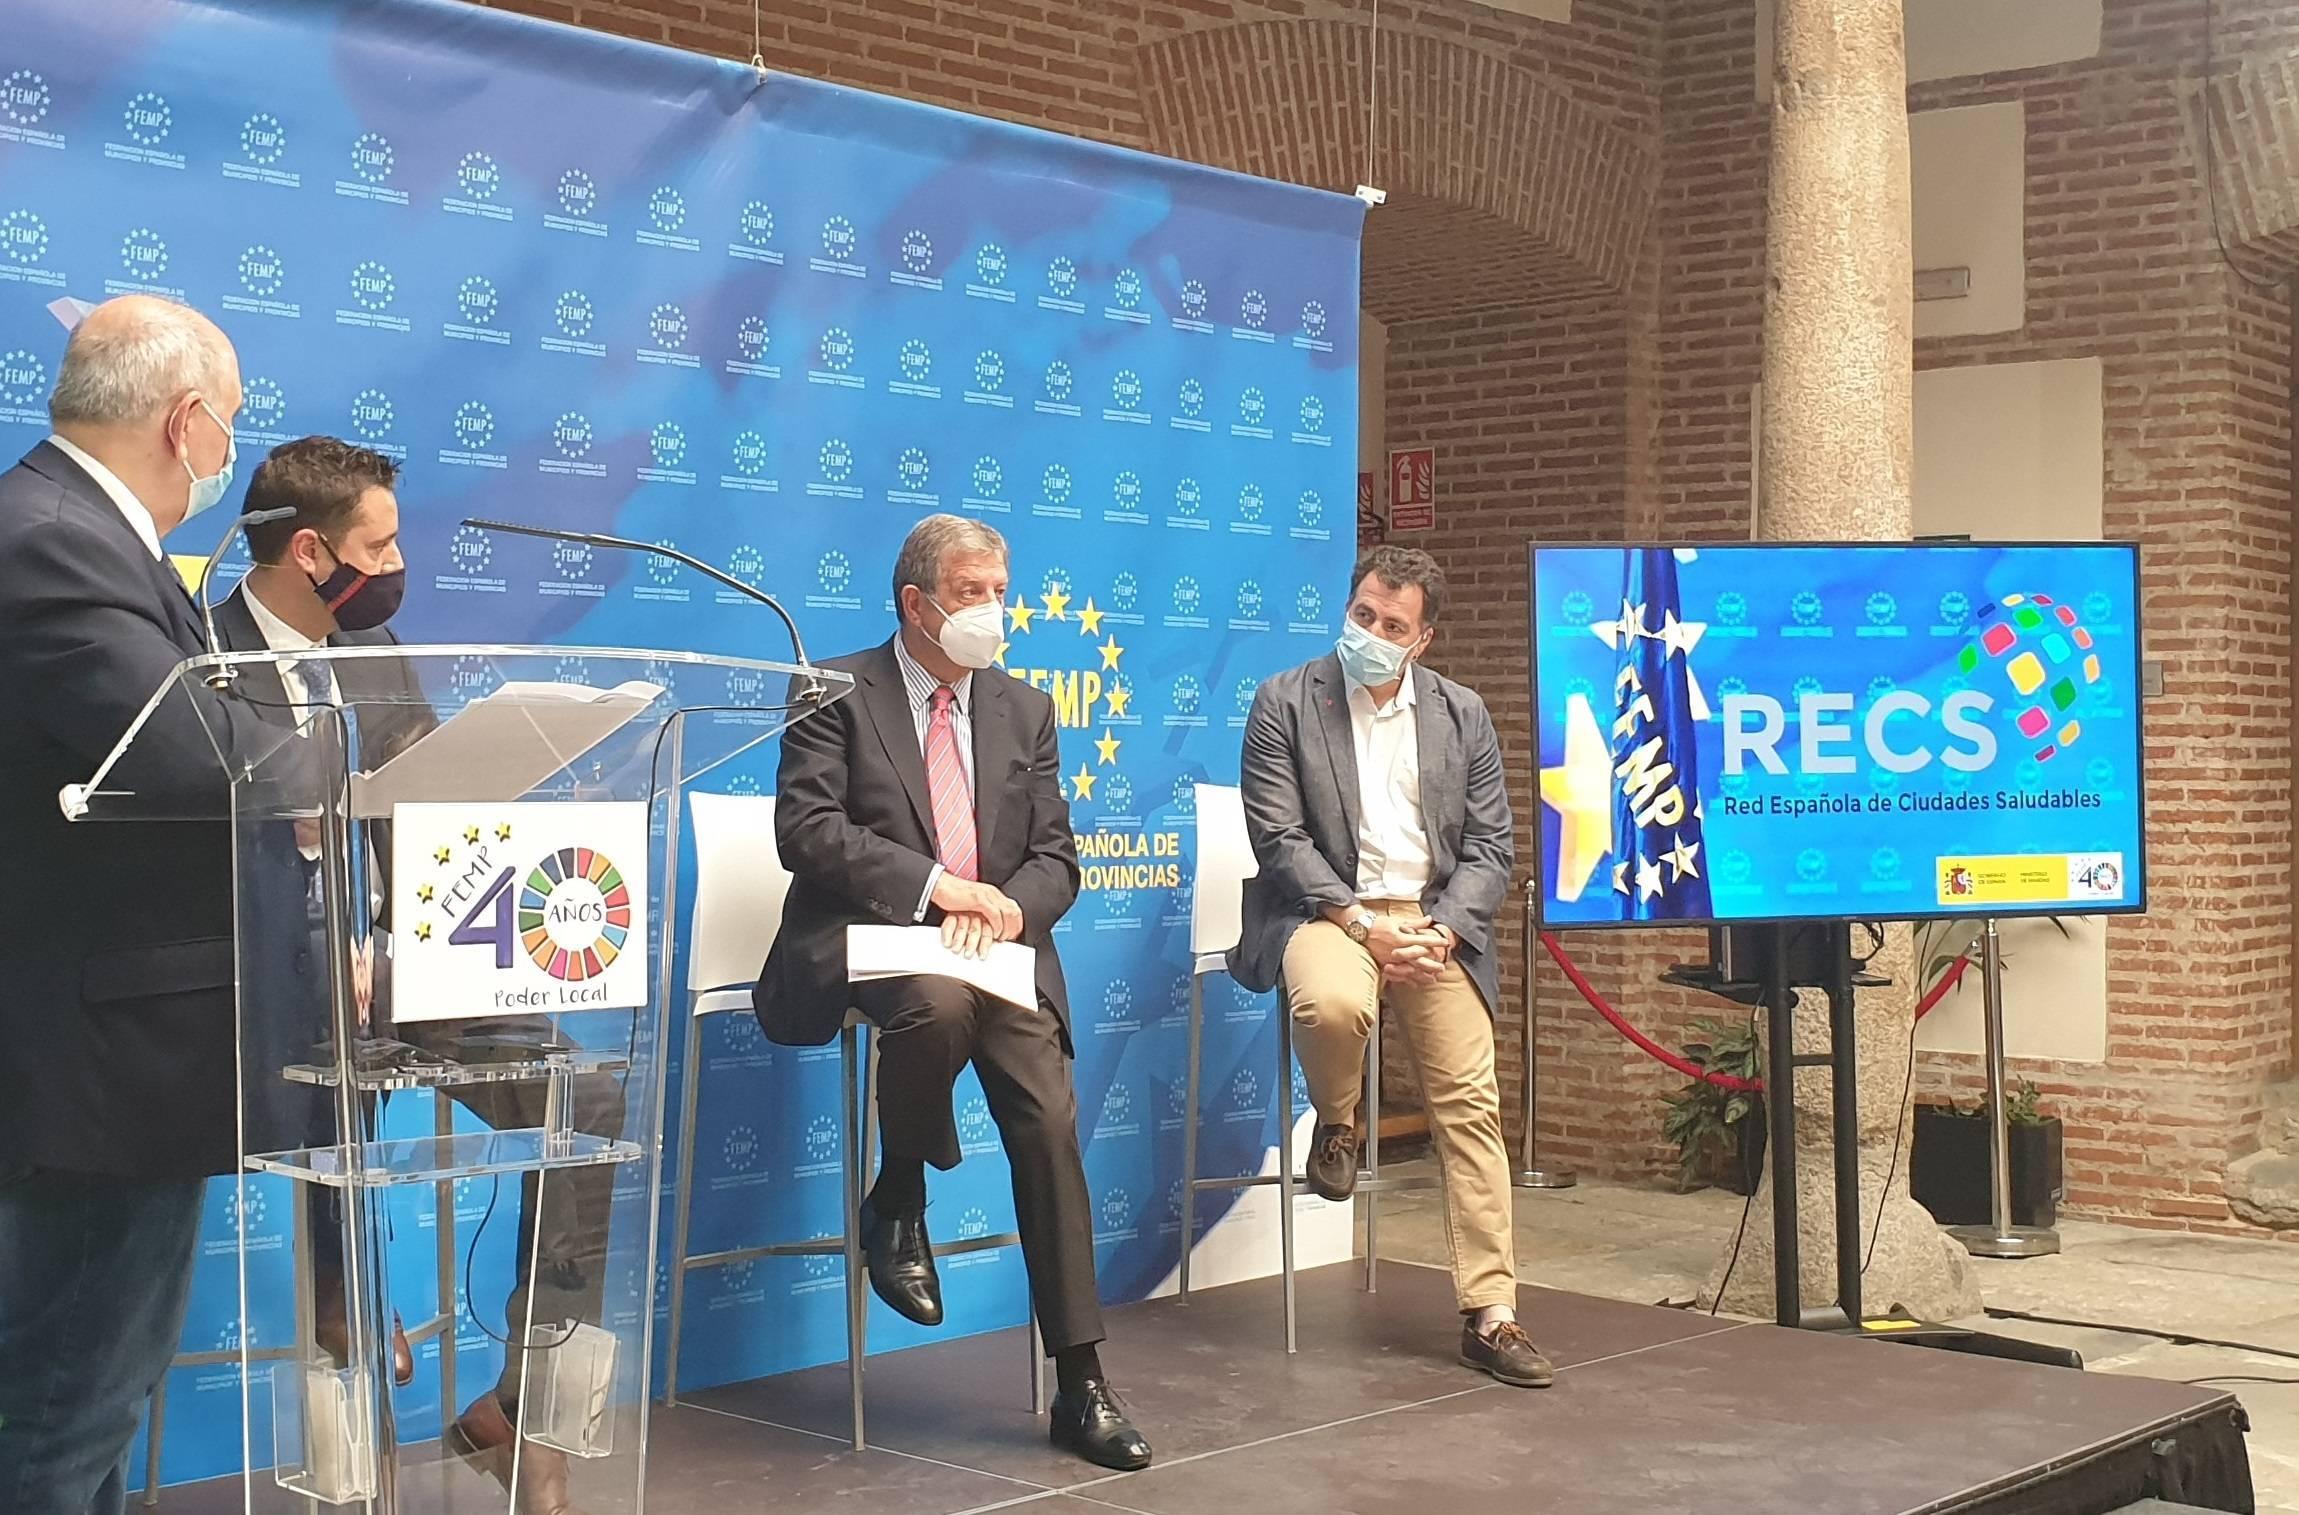 El alcalde y vicepresidente de la Red Española de Ciudades Saludables (RECS) junto a los ponentes.